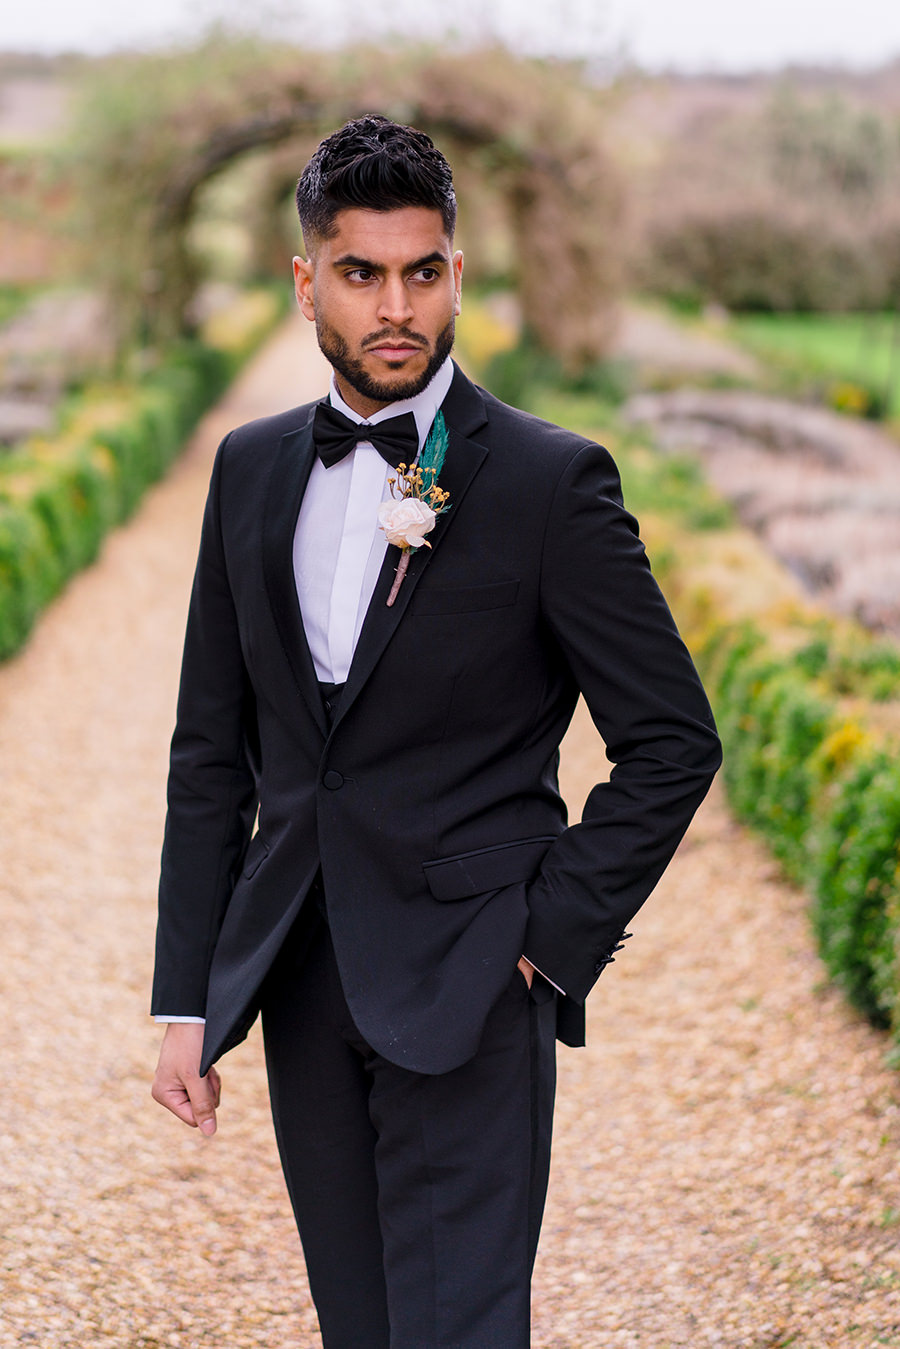 Ivory Events Stapleford Park wedding styled shoot (29)